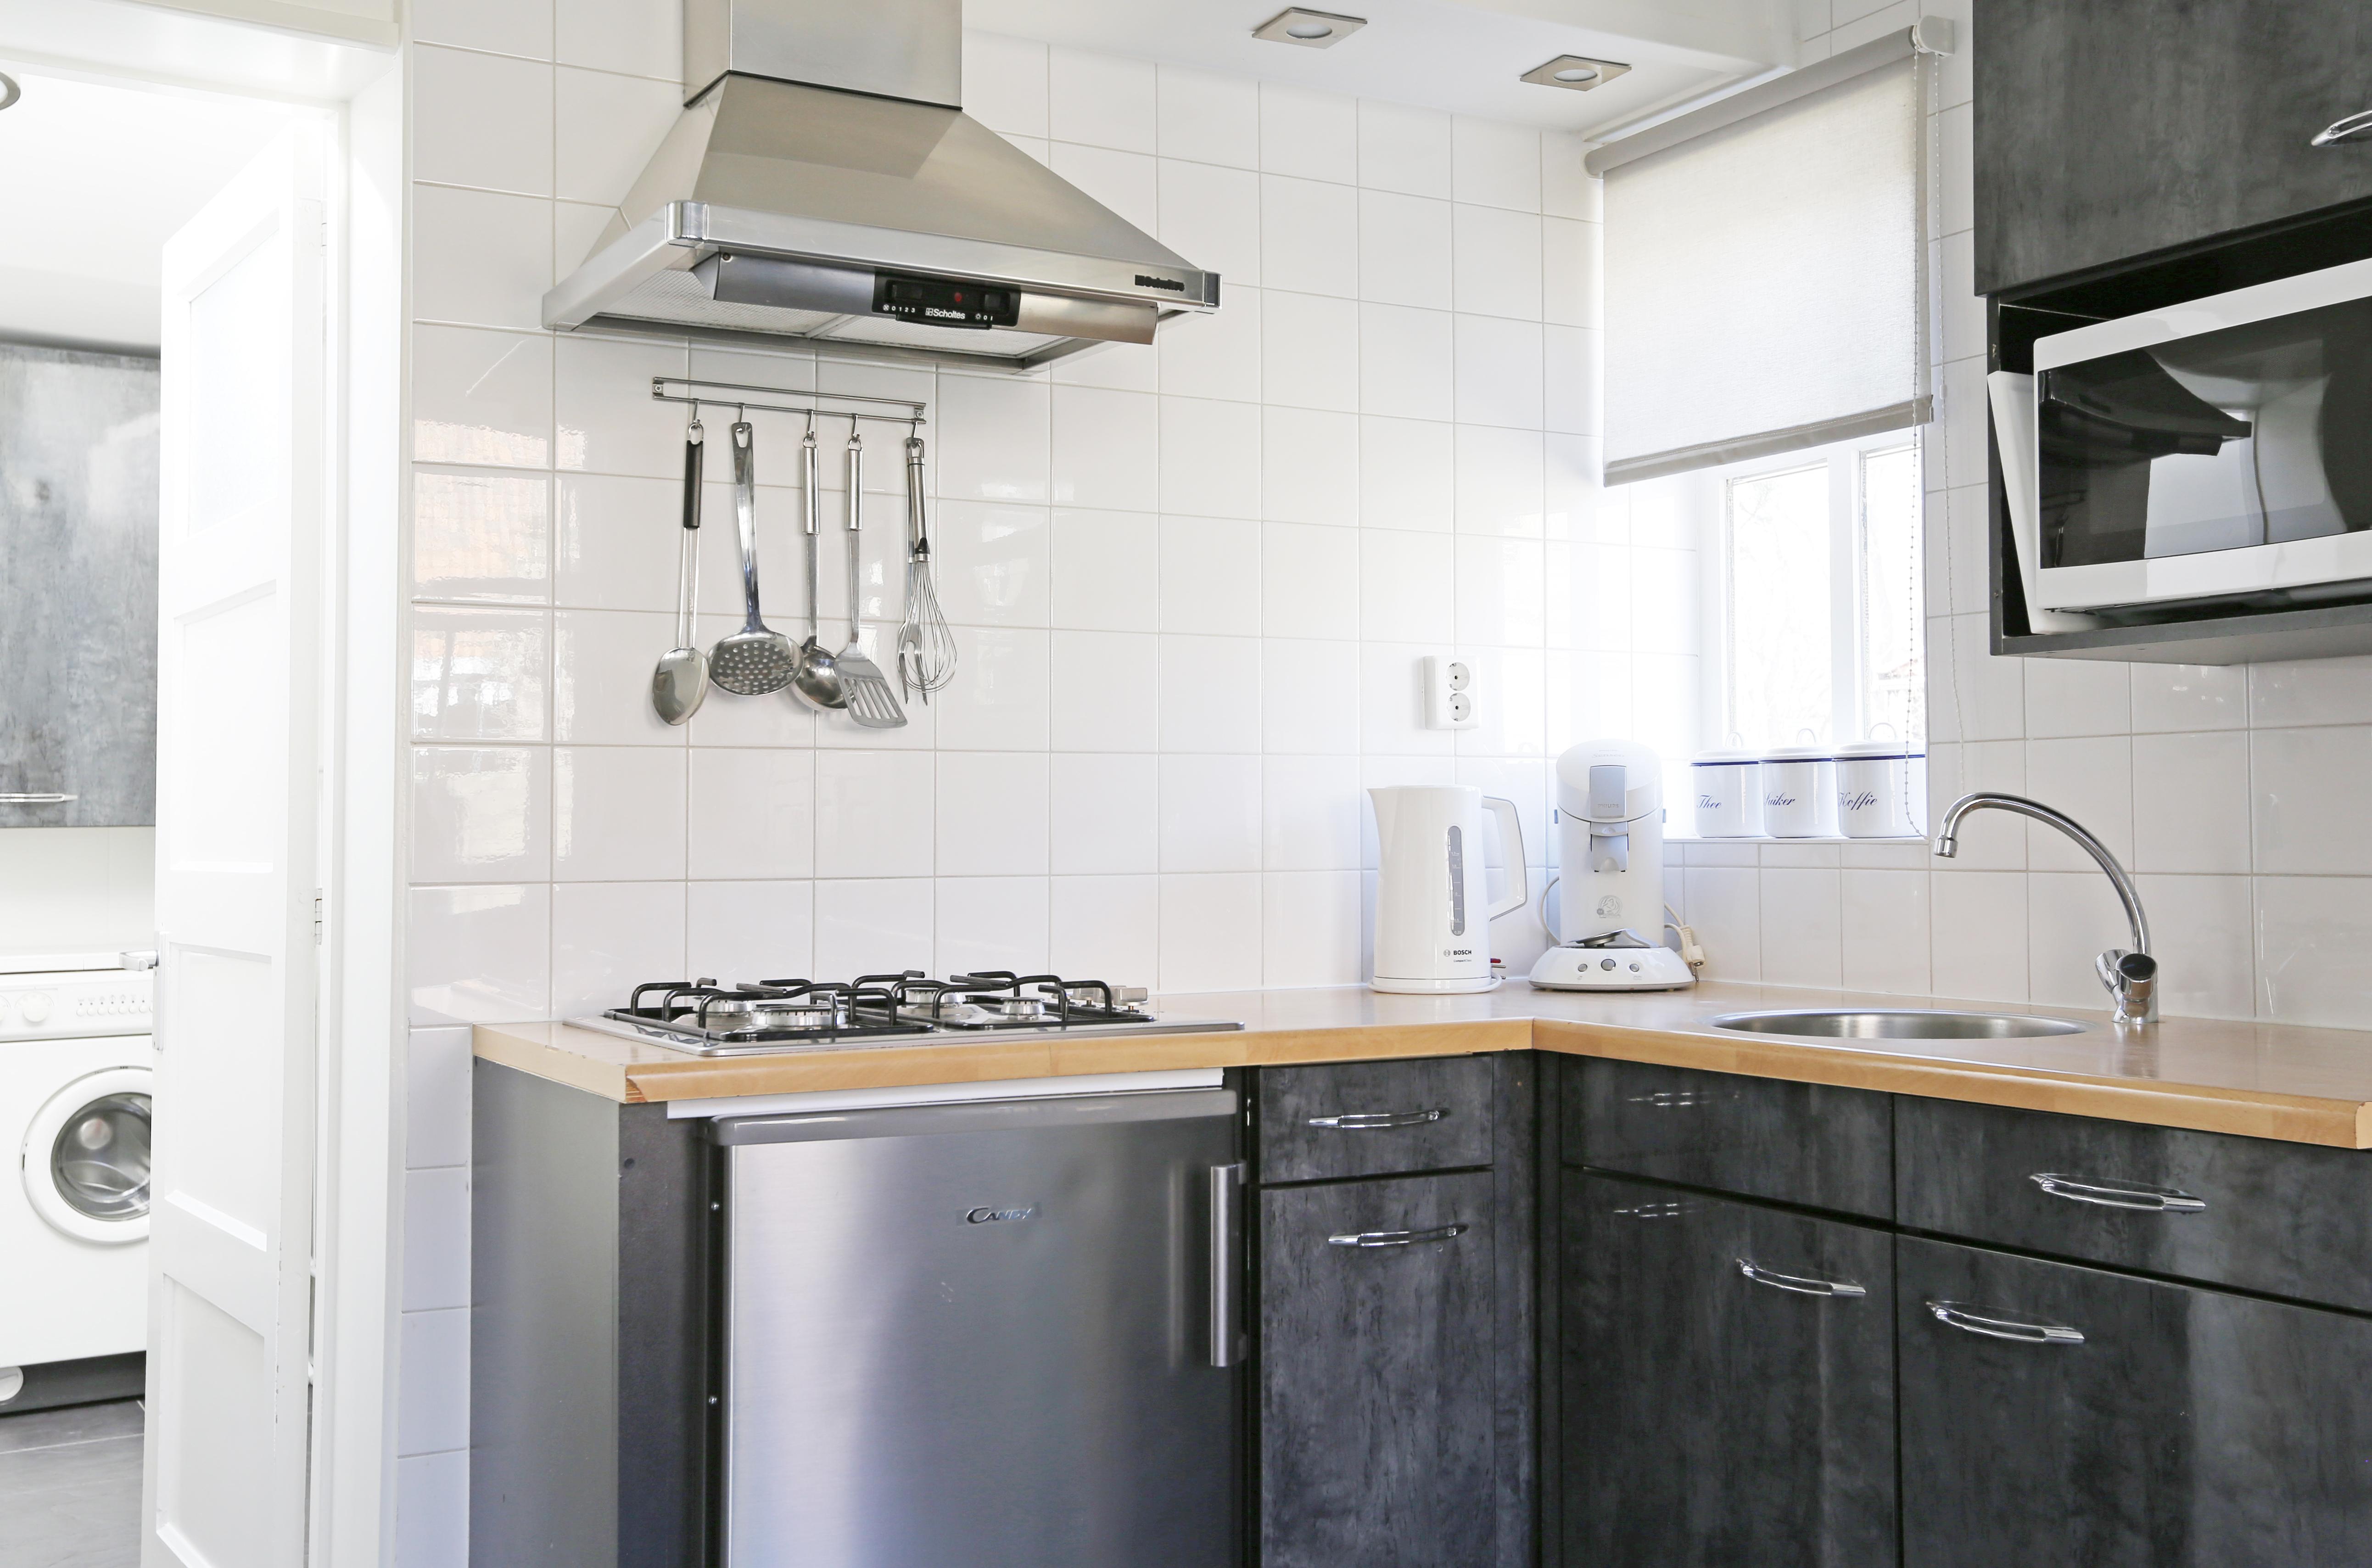 Handdoek Ophangen Keuken : Veerman 1: voor 5 personen hotelletje de veerman